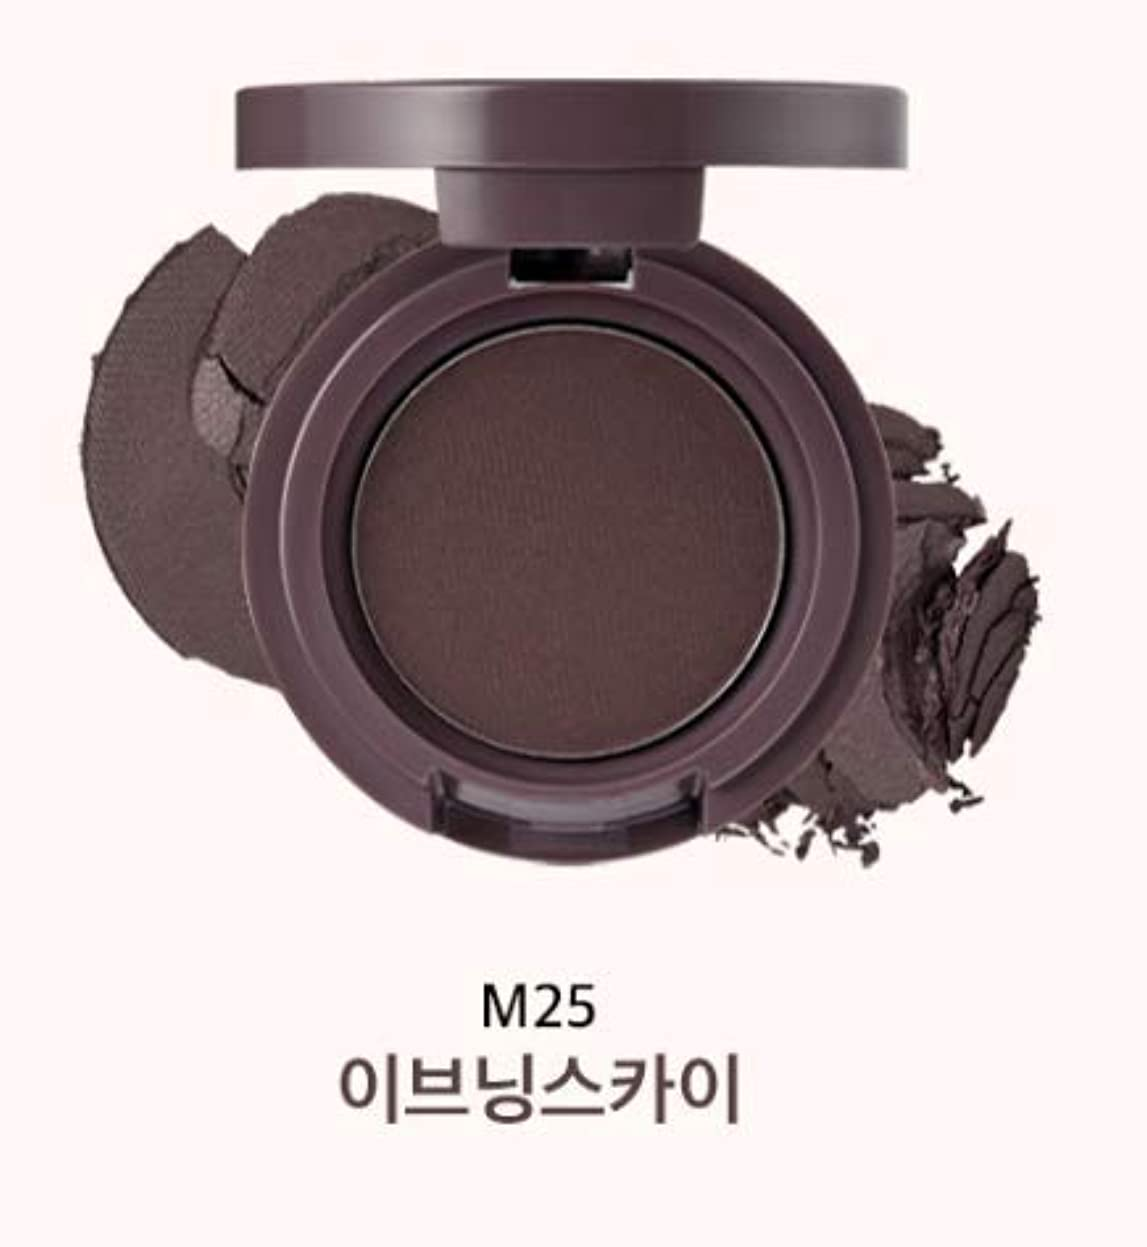 タイプボトルネック慢【アリタウム.ARITAUM]モノアイズサンセットコレクション(1.5?1.8G)/ MONO EYES SUNSET COLLECTION (M25 EVENING SKY)